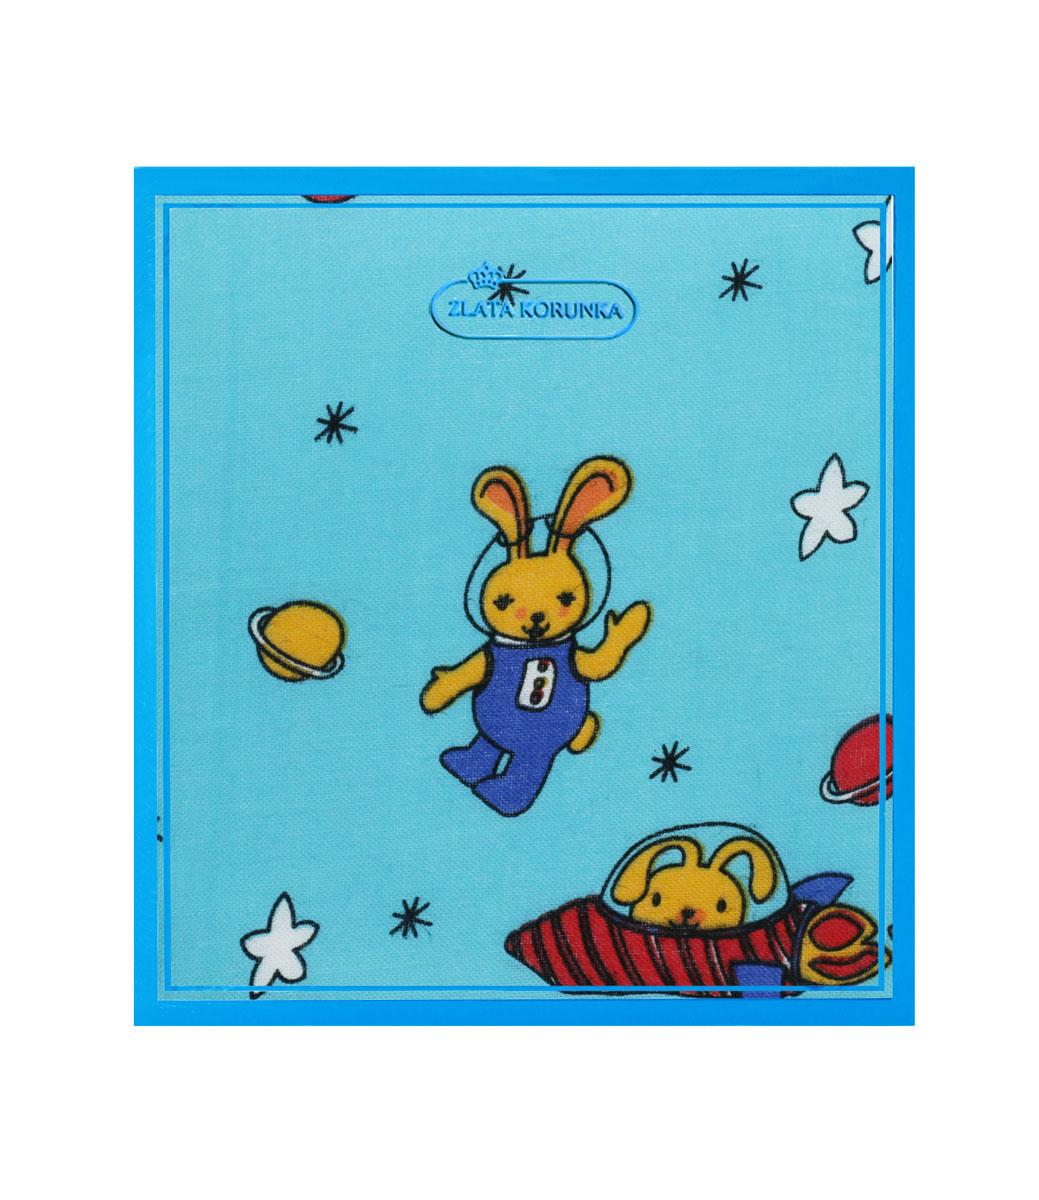 40230-6 Zlata Korunka Носовой платок детский, цвет: мультиколор, 21х21 см, 2 шт40230-6Платки носовые детские в упаковке по 2 шт. Носовые платки изготовлены из 100% хлопка, так как этот материал приятен в использовании, хорошо стирается, не садится, отлично впитывает влагу.